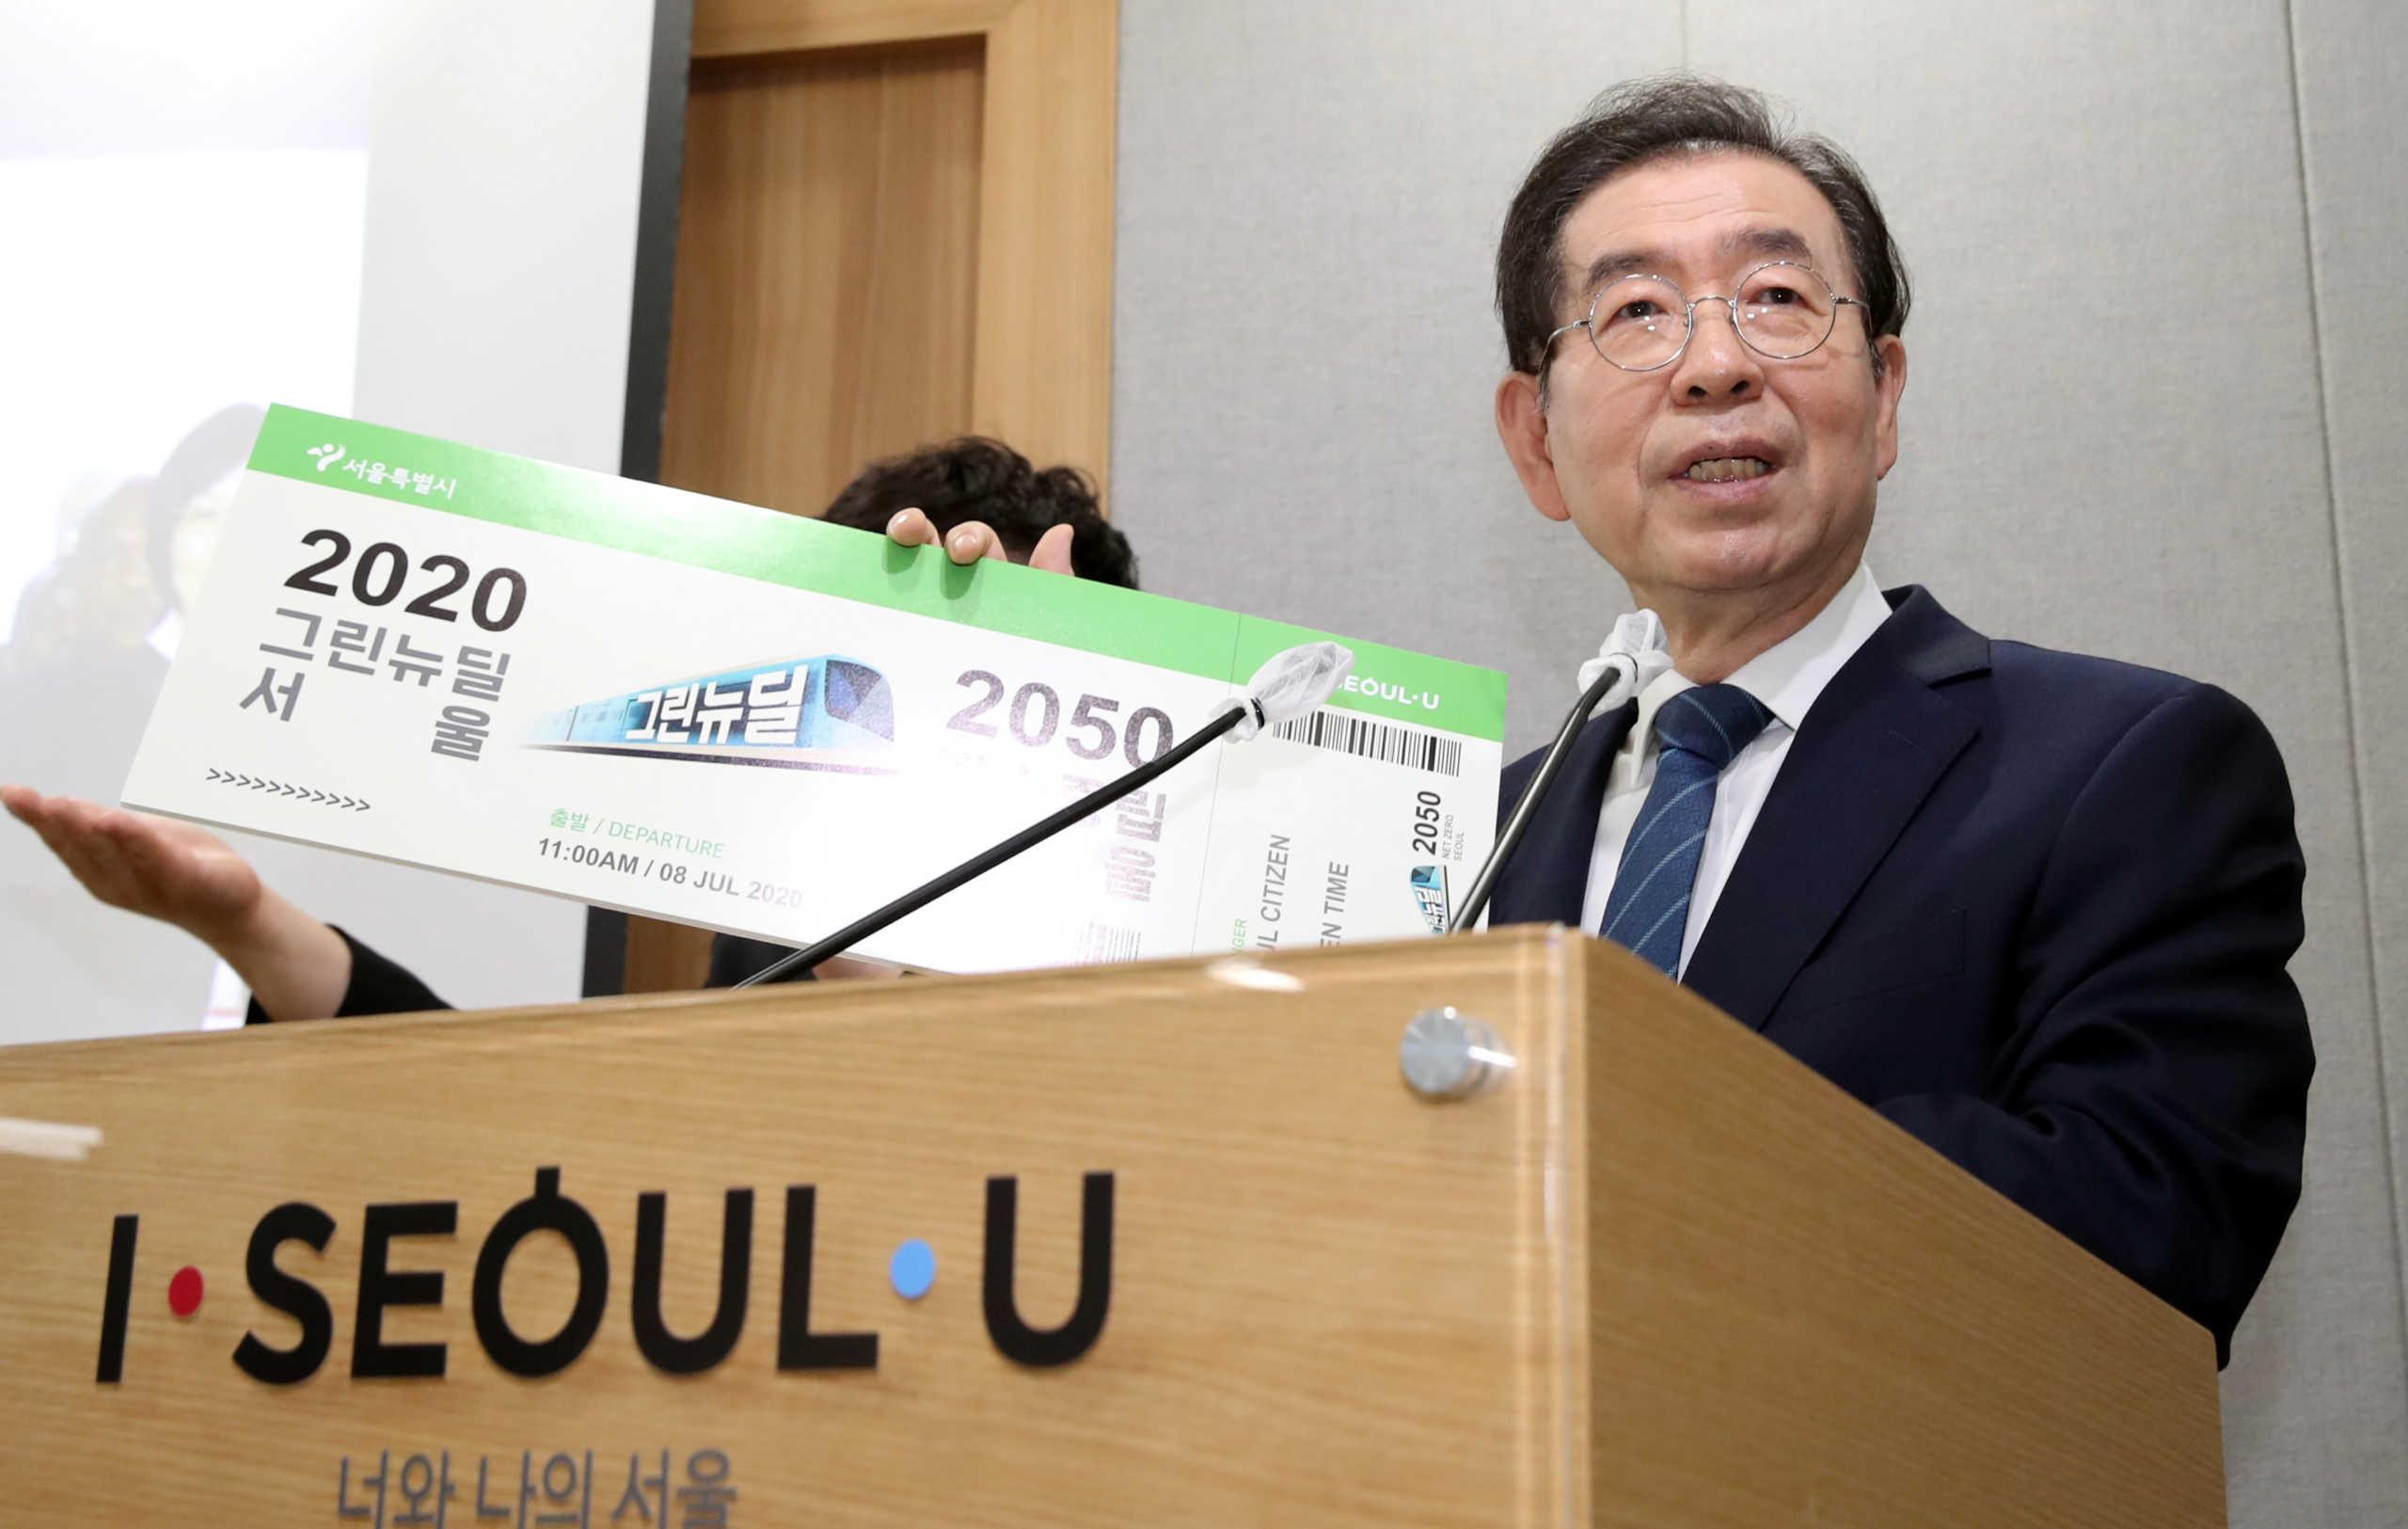 Τι κρύβεται πίσω από τον θάνατο του δημάρχου της Σεούλ – Όλα δείχνουν αυτοκτονία